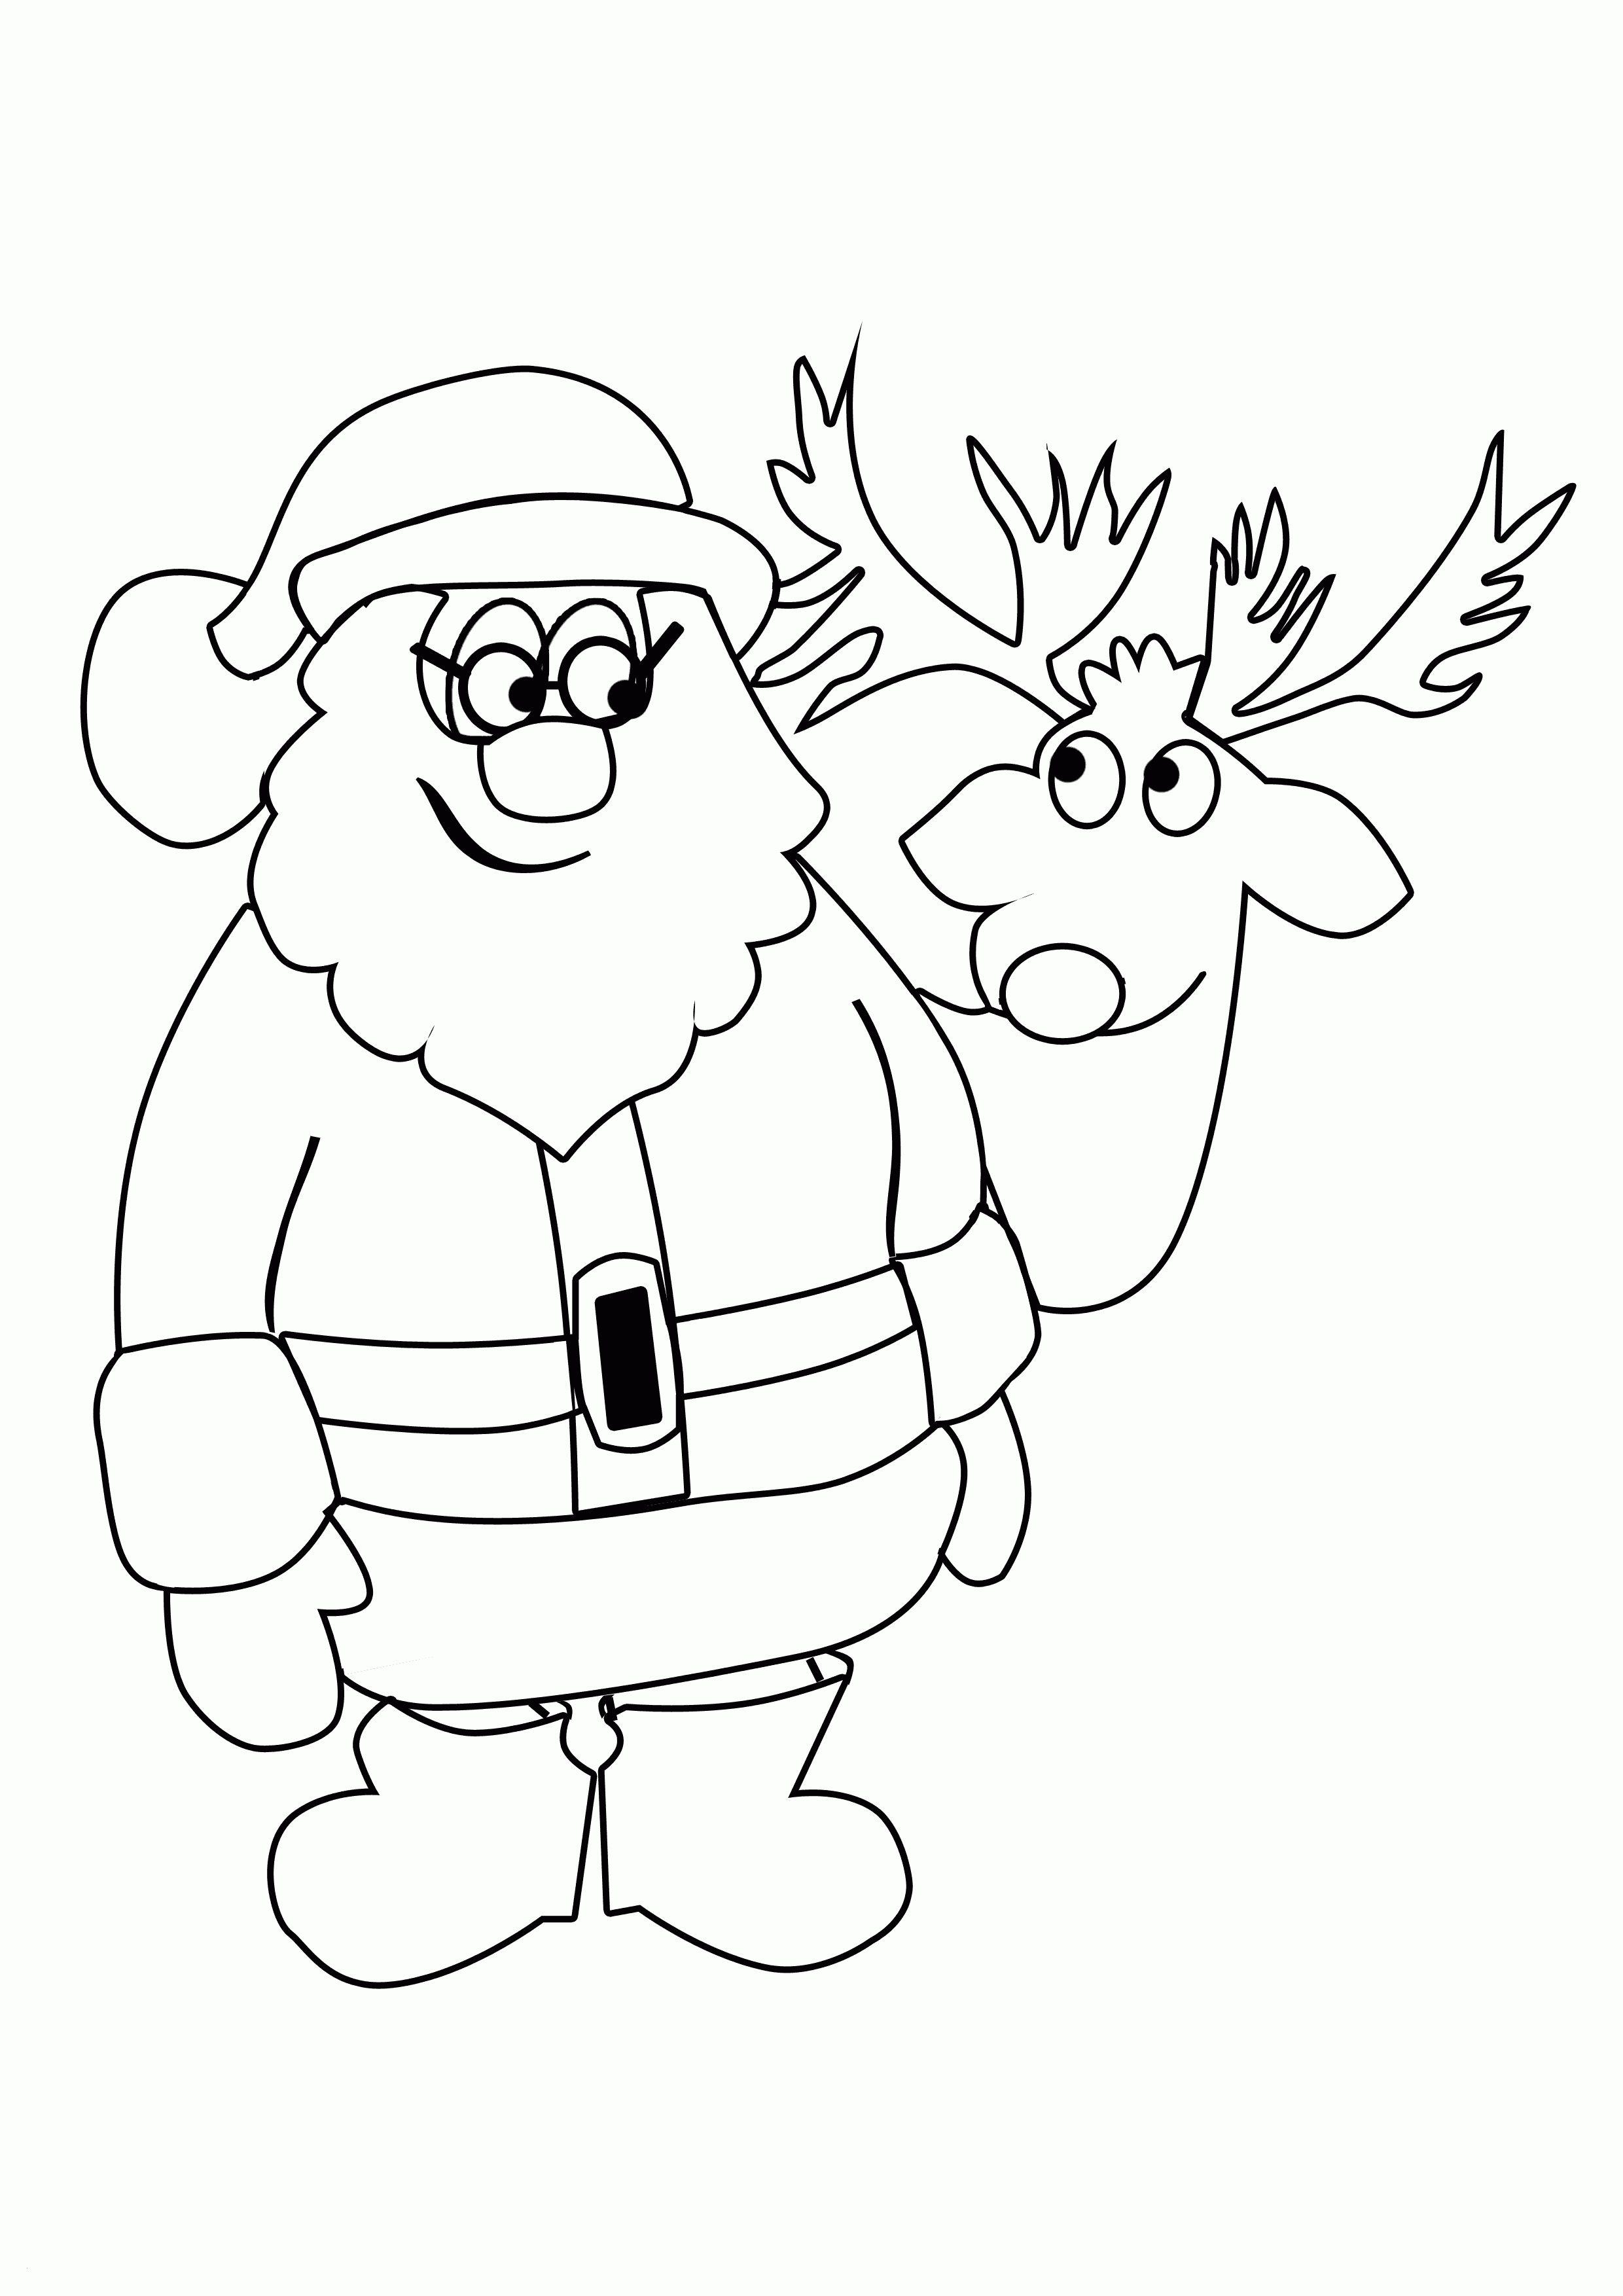 Ausmalbilder Weihnachtsmann Uploadertalkweihnachtsmann Zum